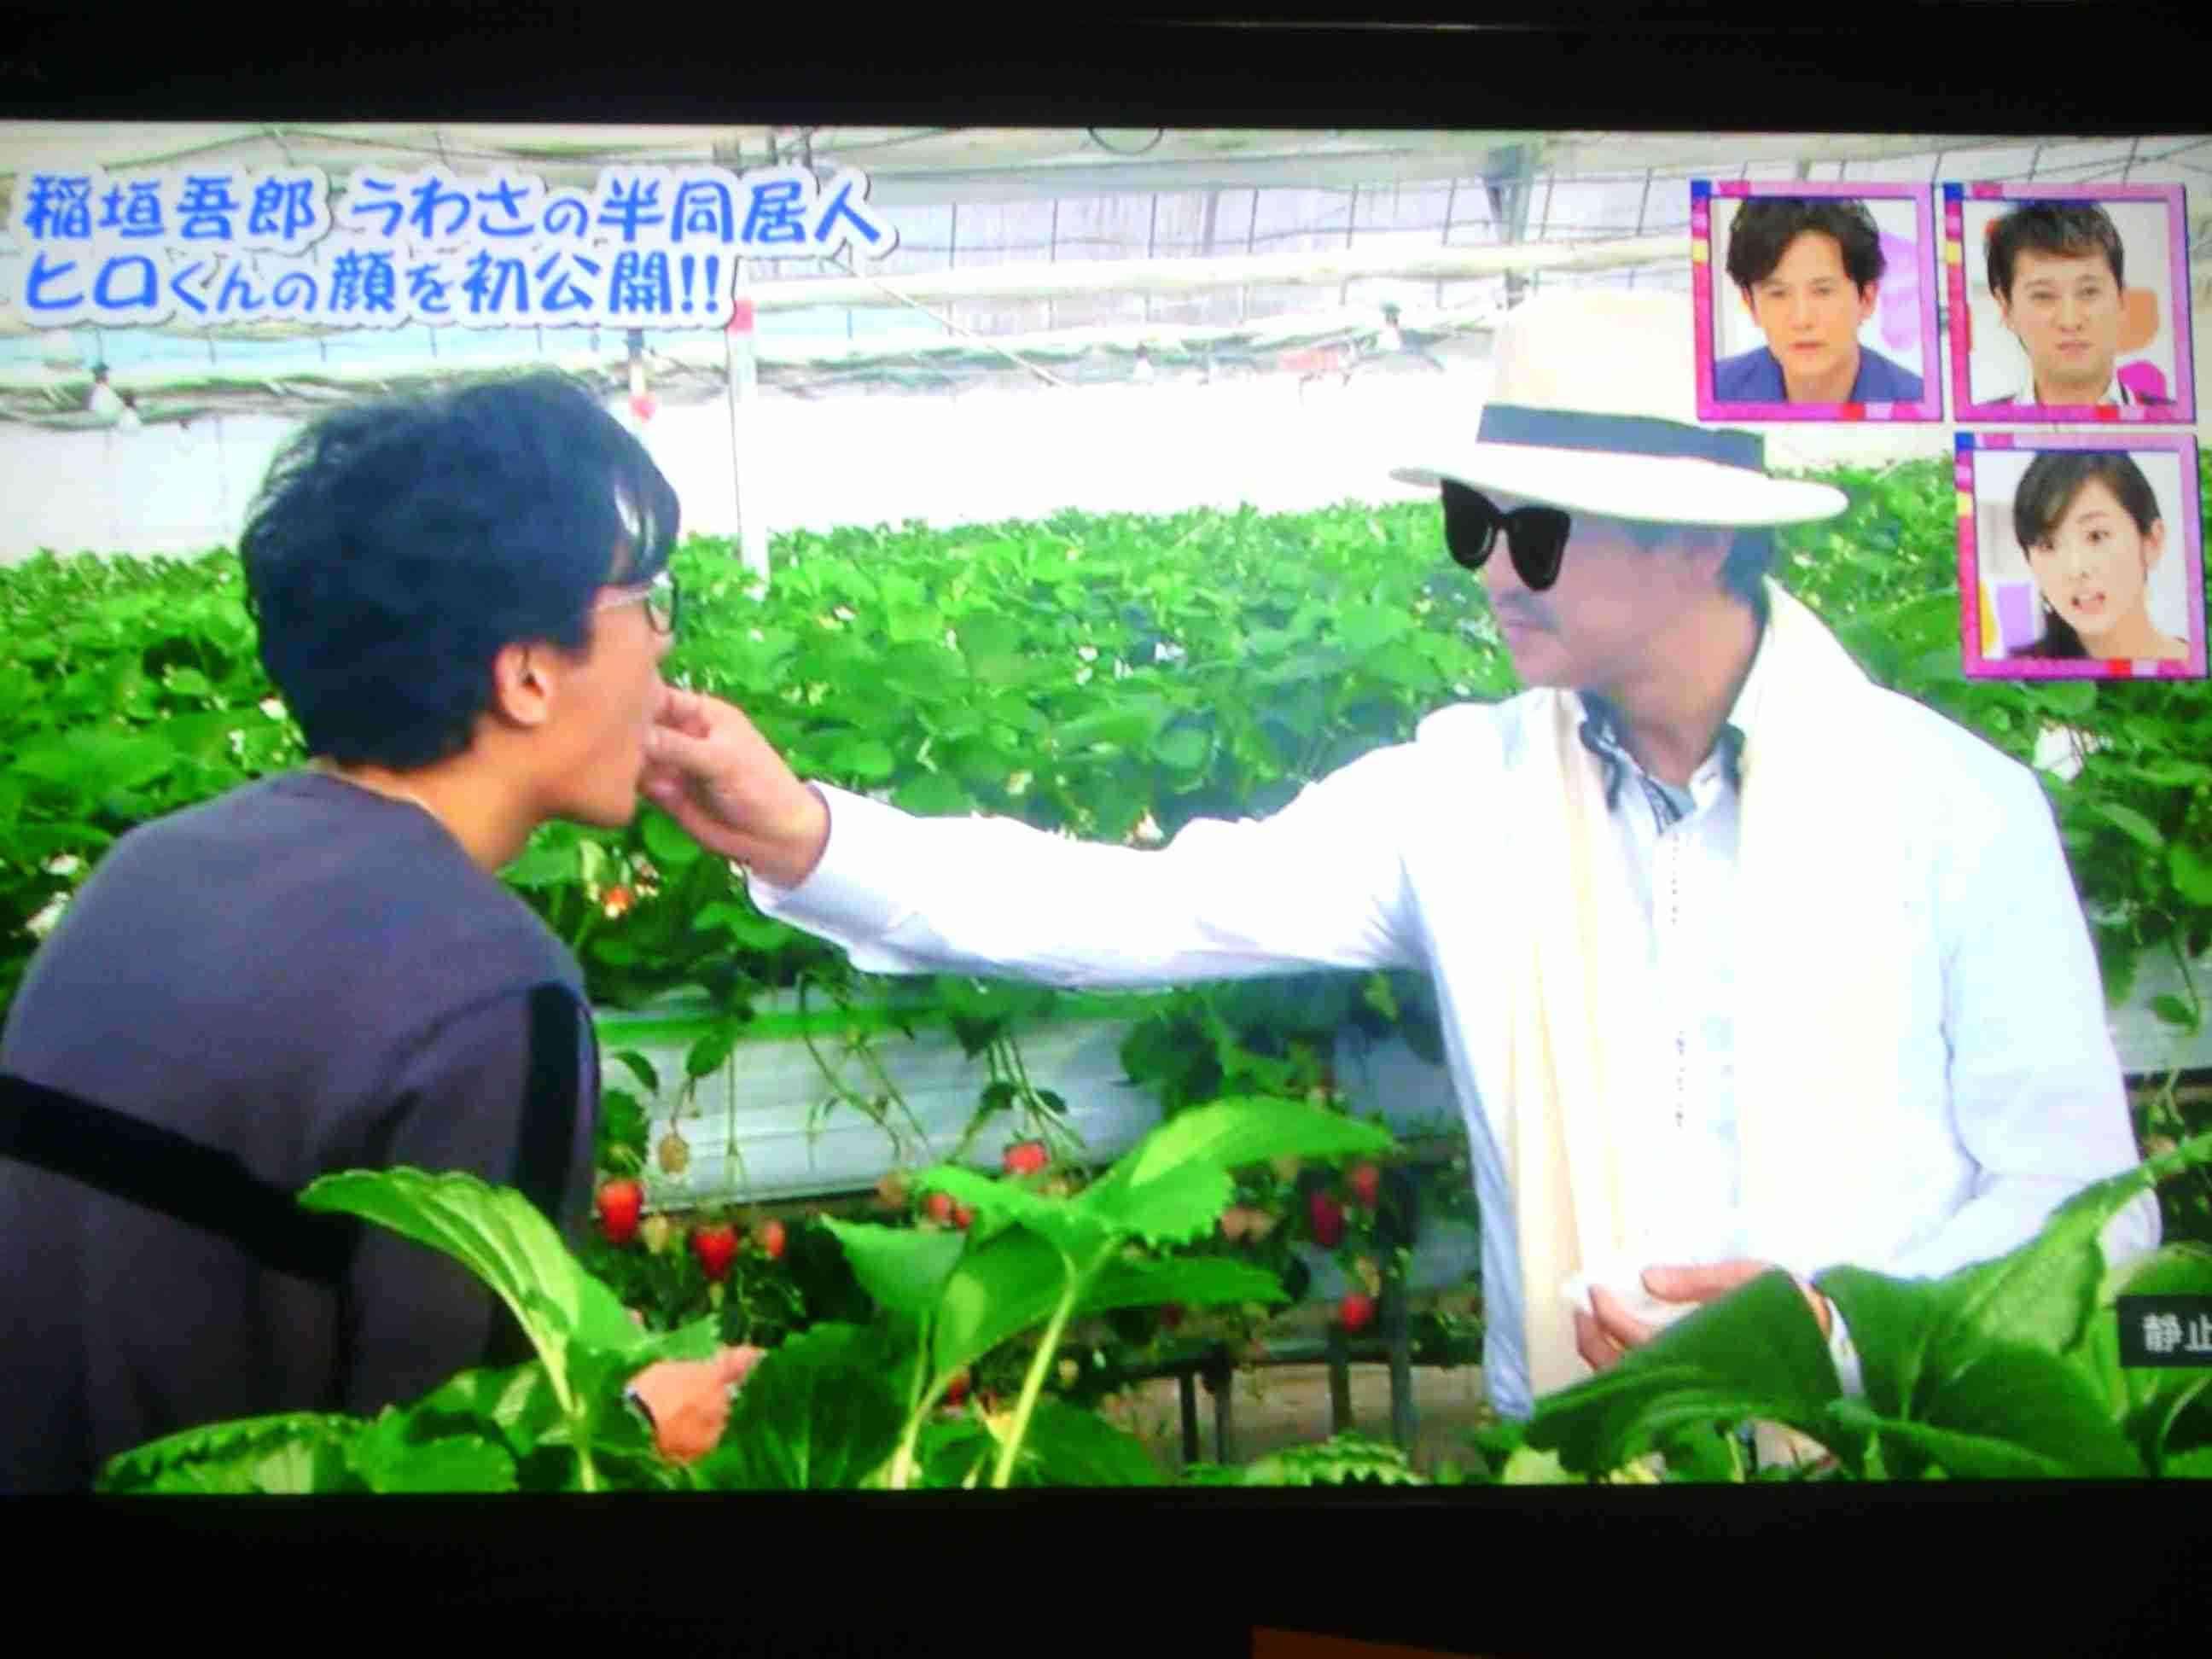 稲垣吾郎が初めて落語へ 親友・ヒロくんと